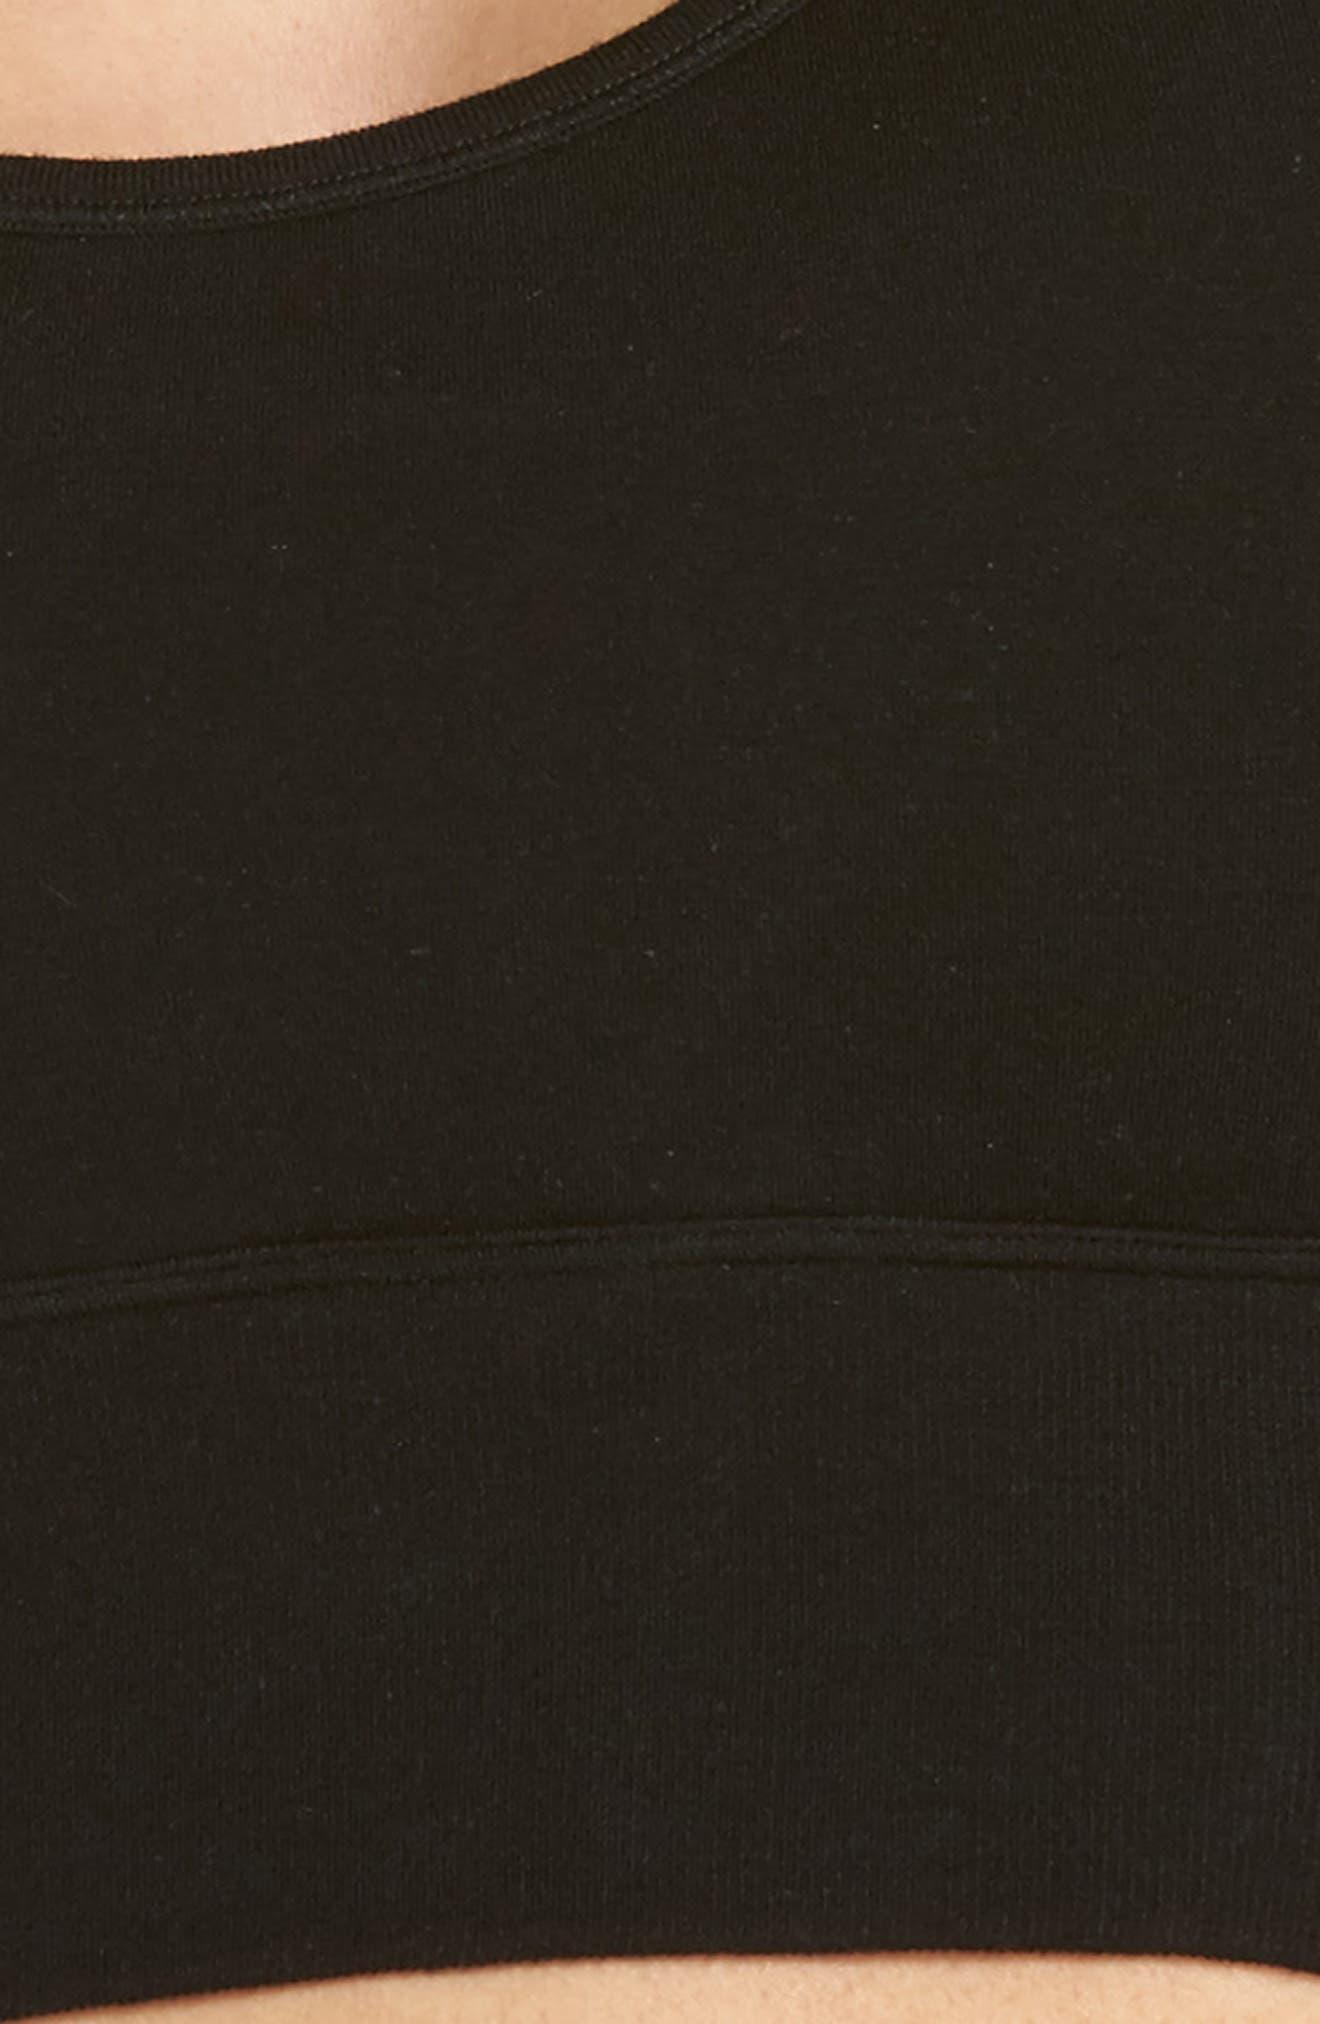 Cross Back Longline Bralette,                             Alternate thumbnail 4, color,                             001